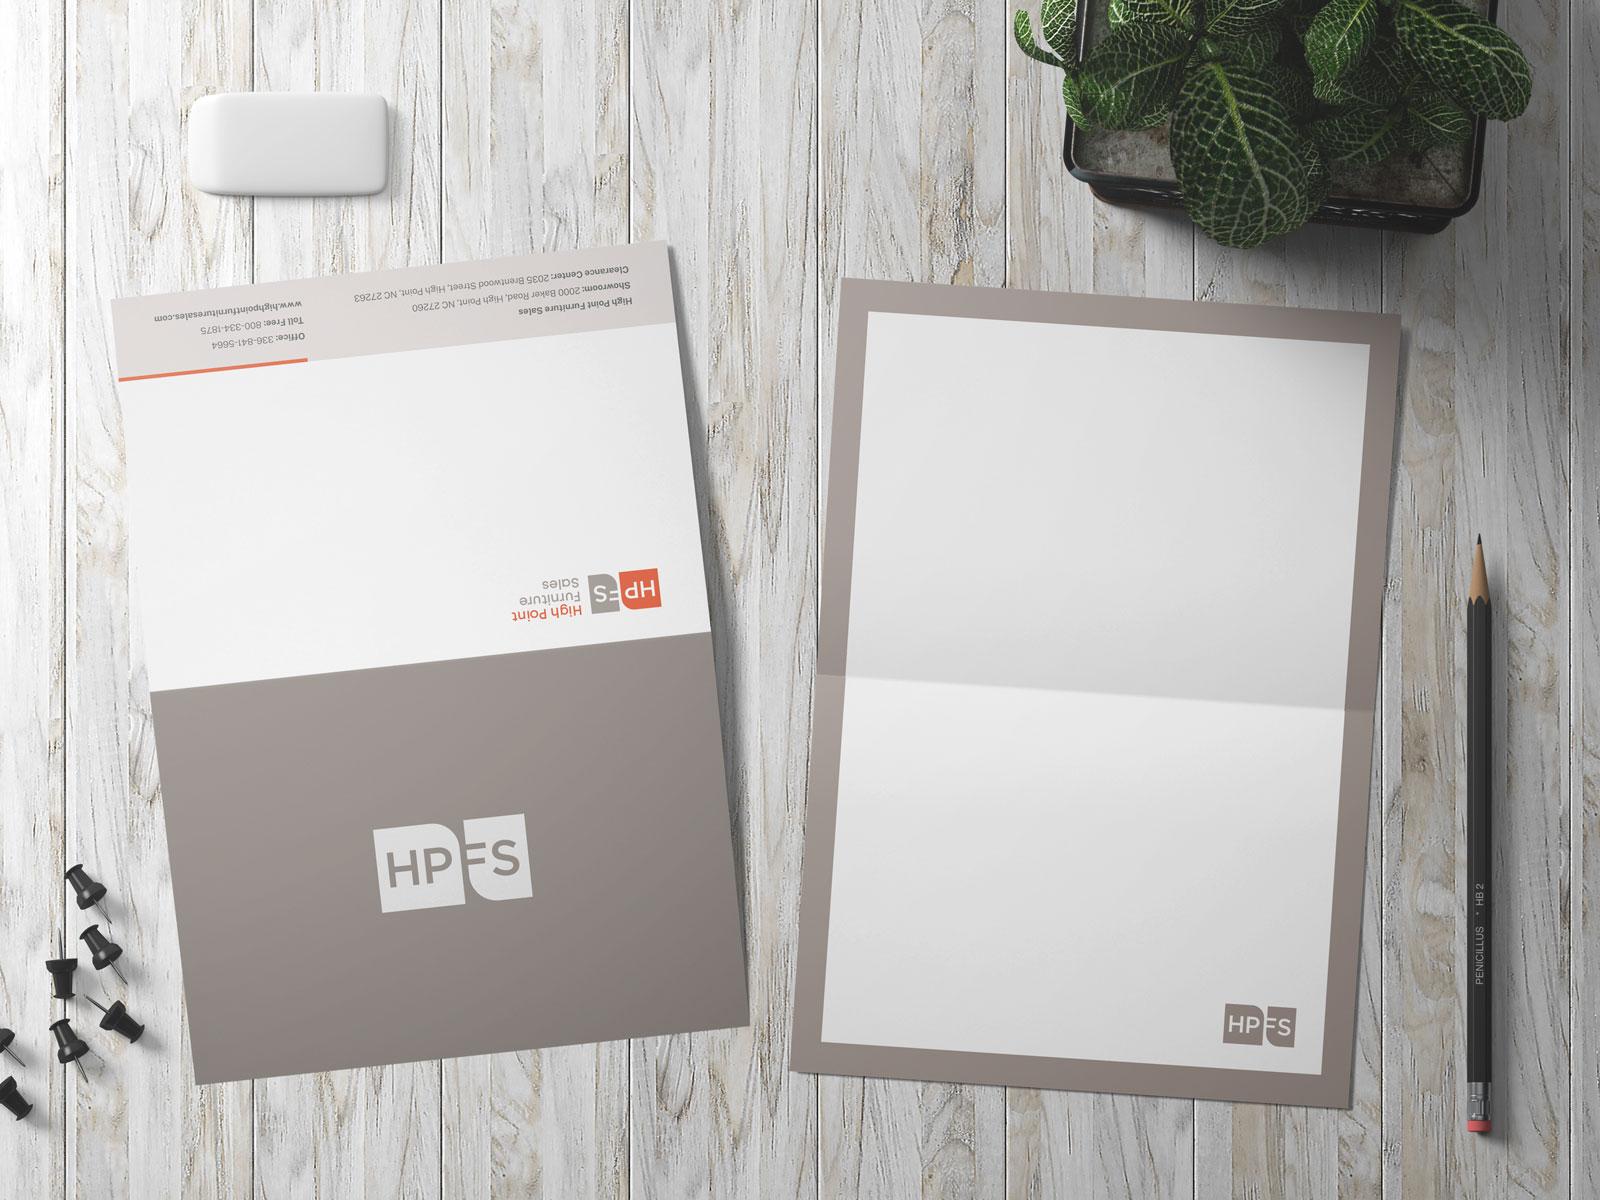 Hpfs notecards